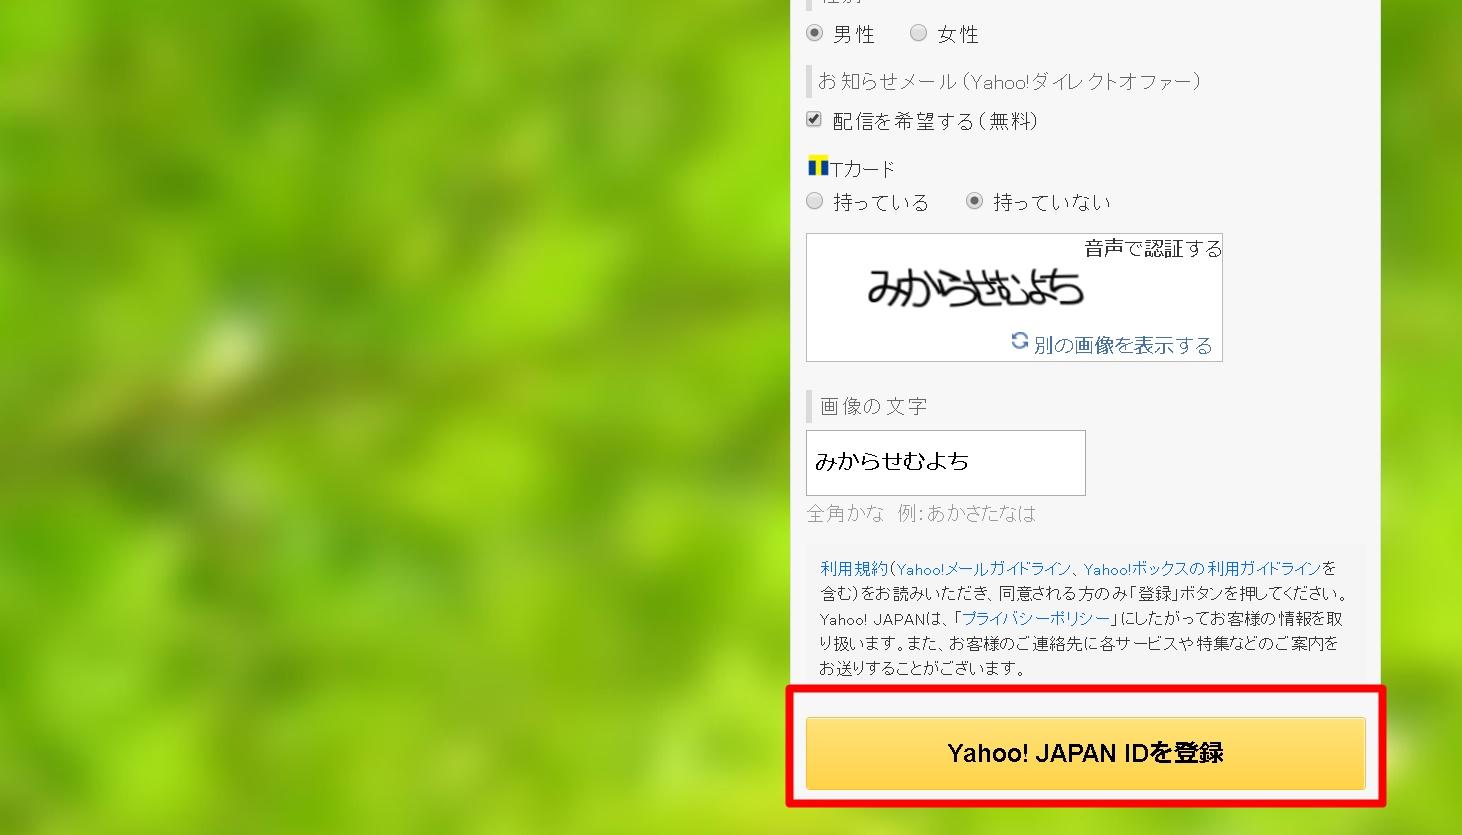 yahoo id登録